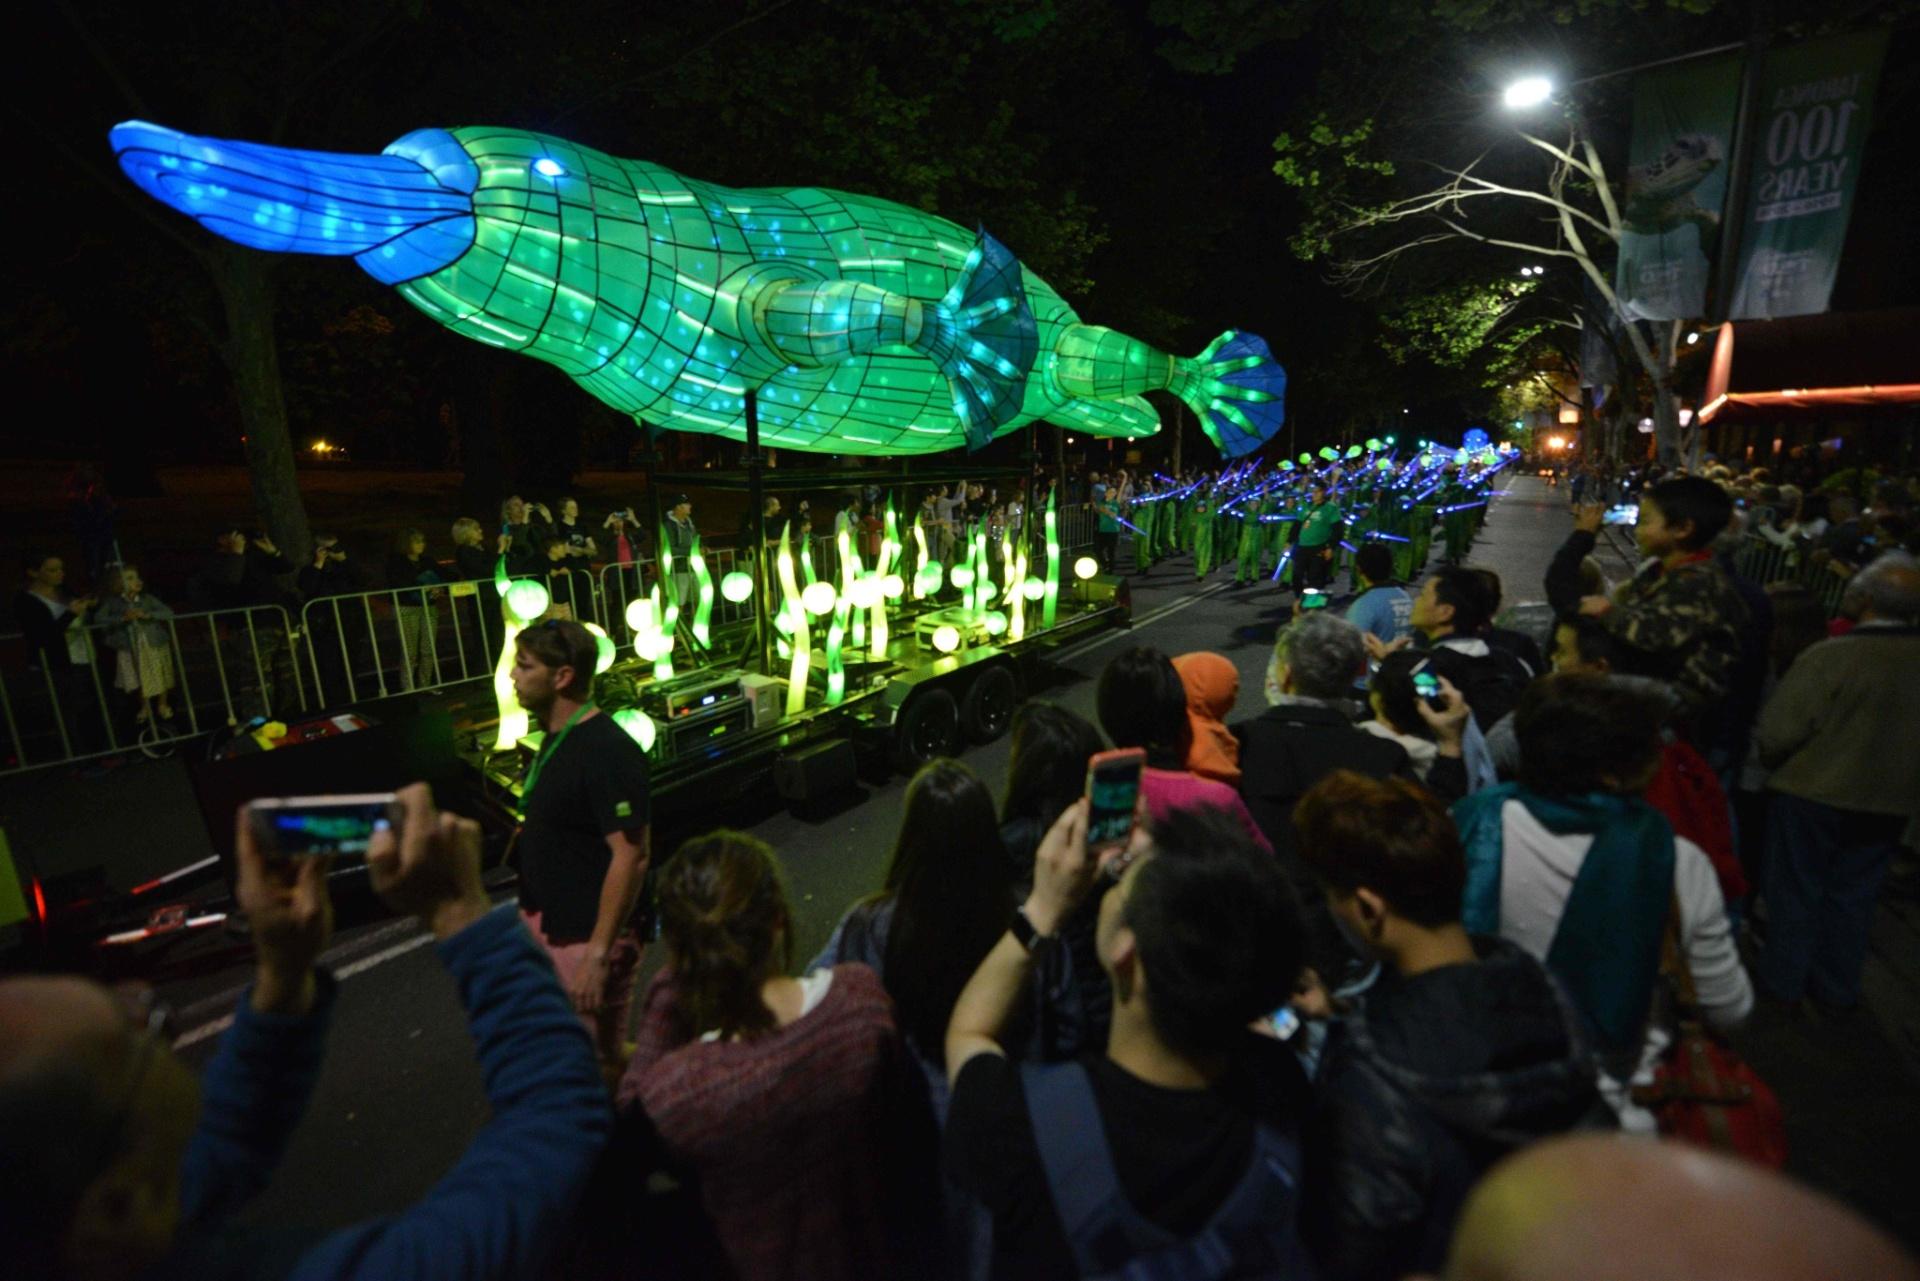 15.out.2016 - Uma escultura de luz gigante de um ornitorrinco fez sucesso durante a parada que celebra o 100º aniversário do zoológico Taronga, em Sydney, na Austrália